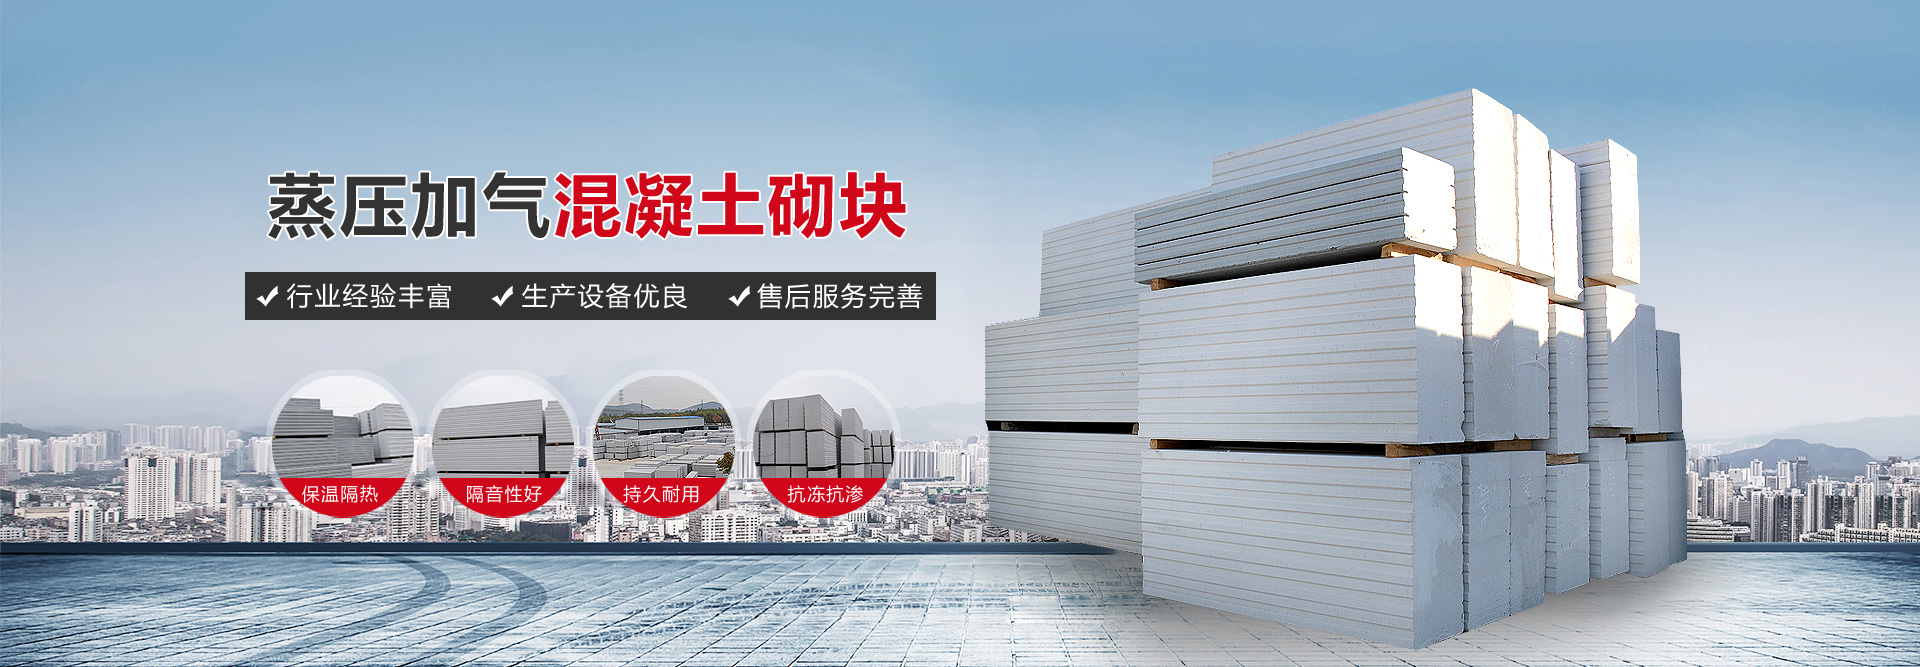 山東恒瑞新型建材有限公司